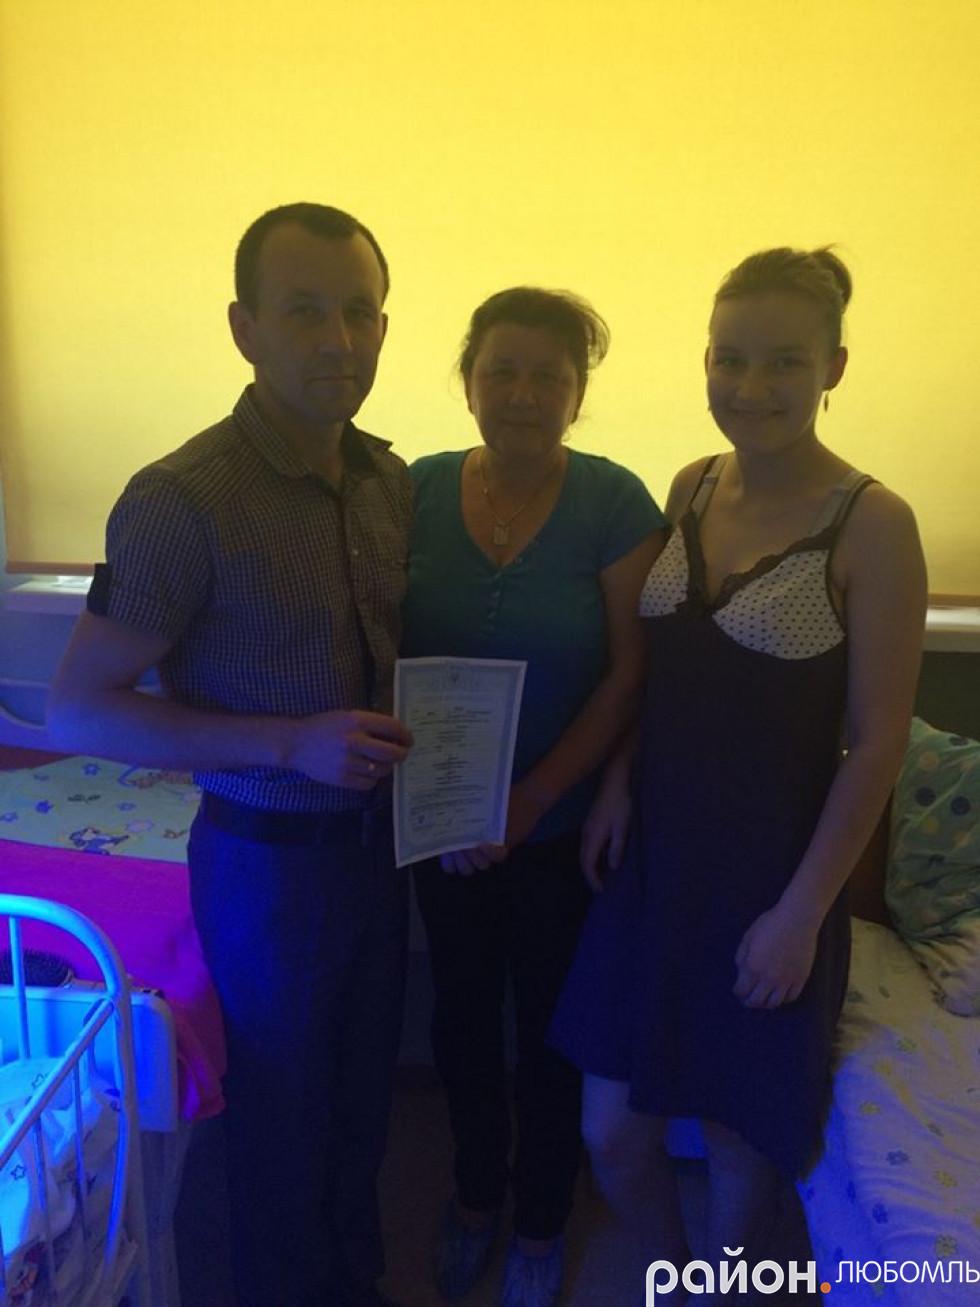 Сім'я Дячуків із Любомля 4 травня святкуватиме відразу два дні народження.